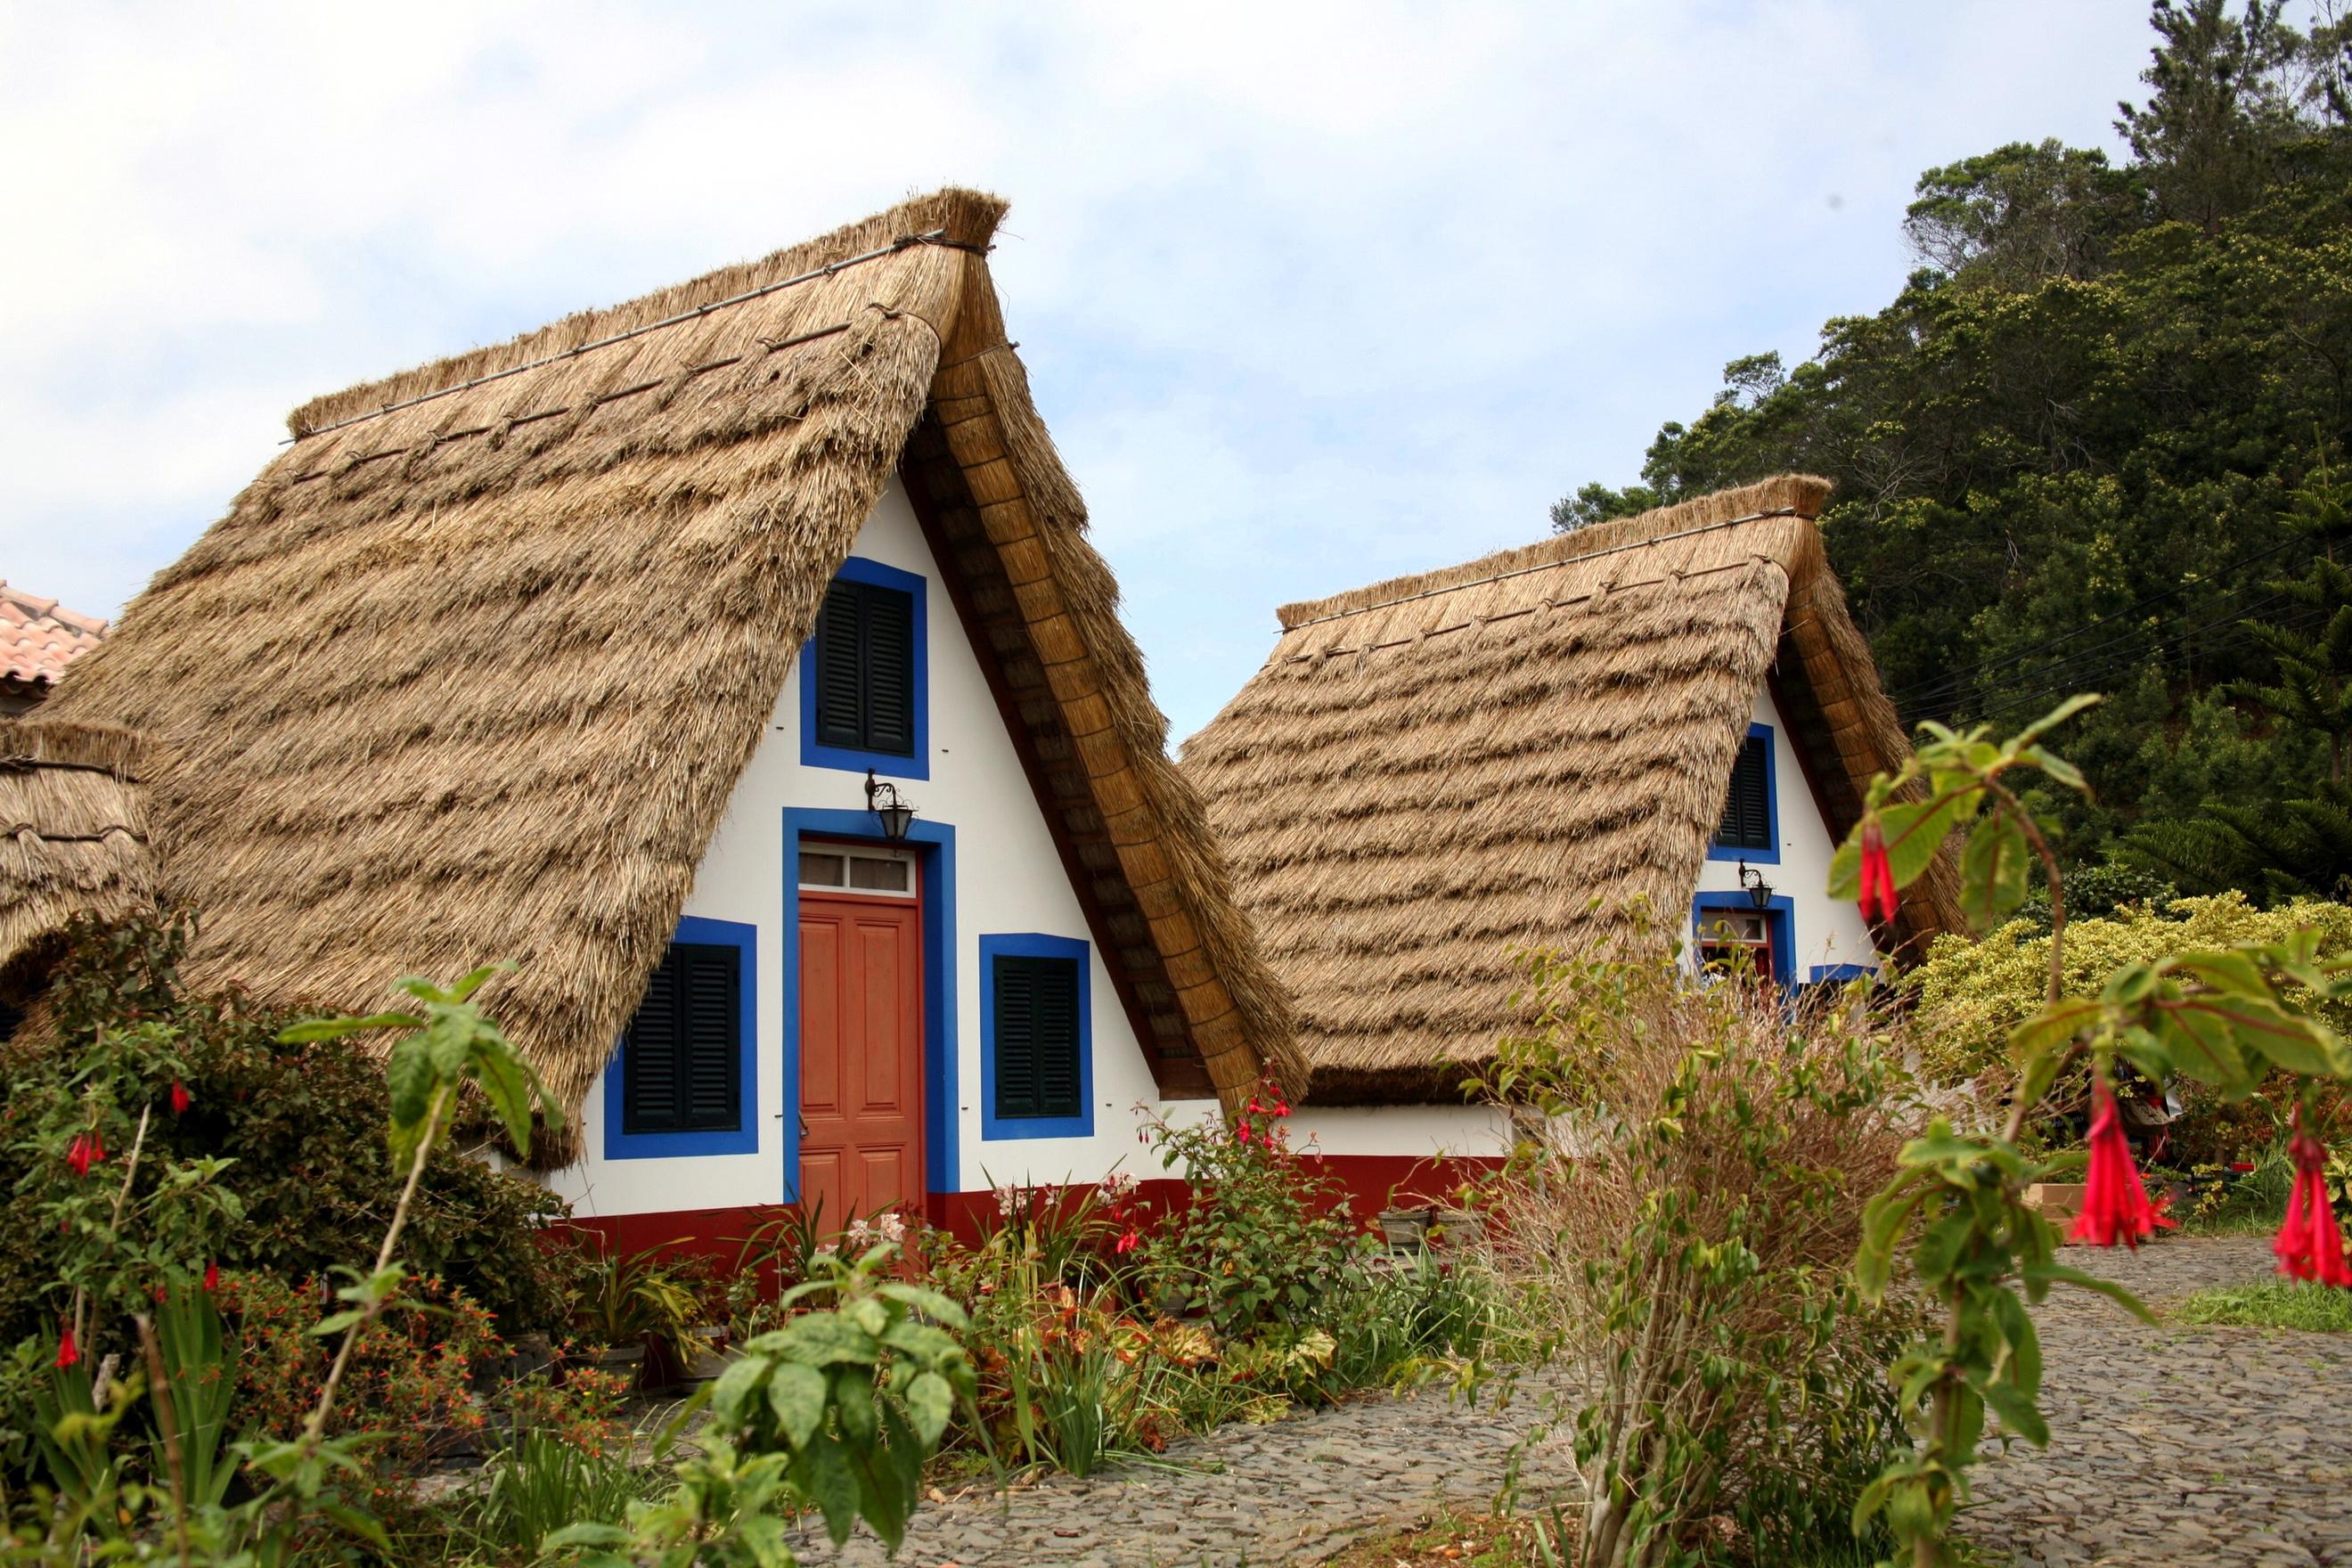 Hintergrundbilder portugal madeira santana haus st dte for Haus auf madeira